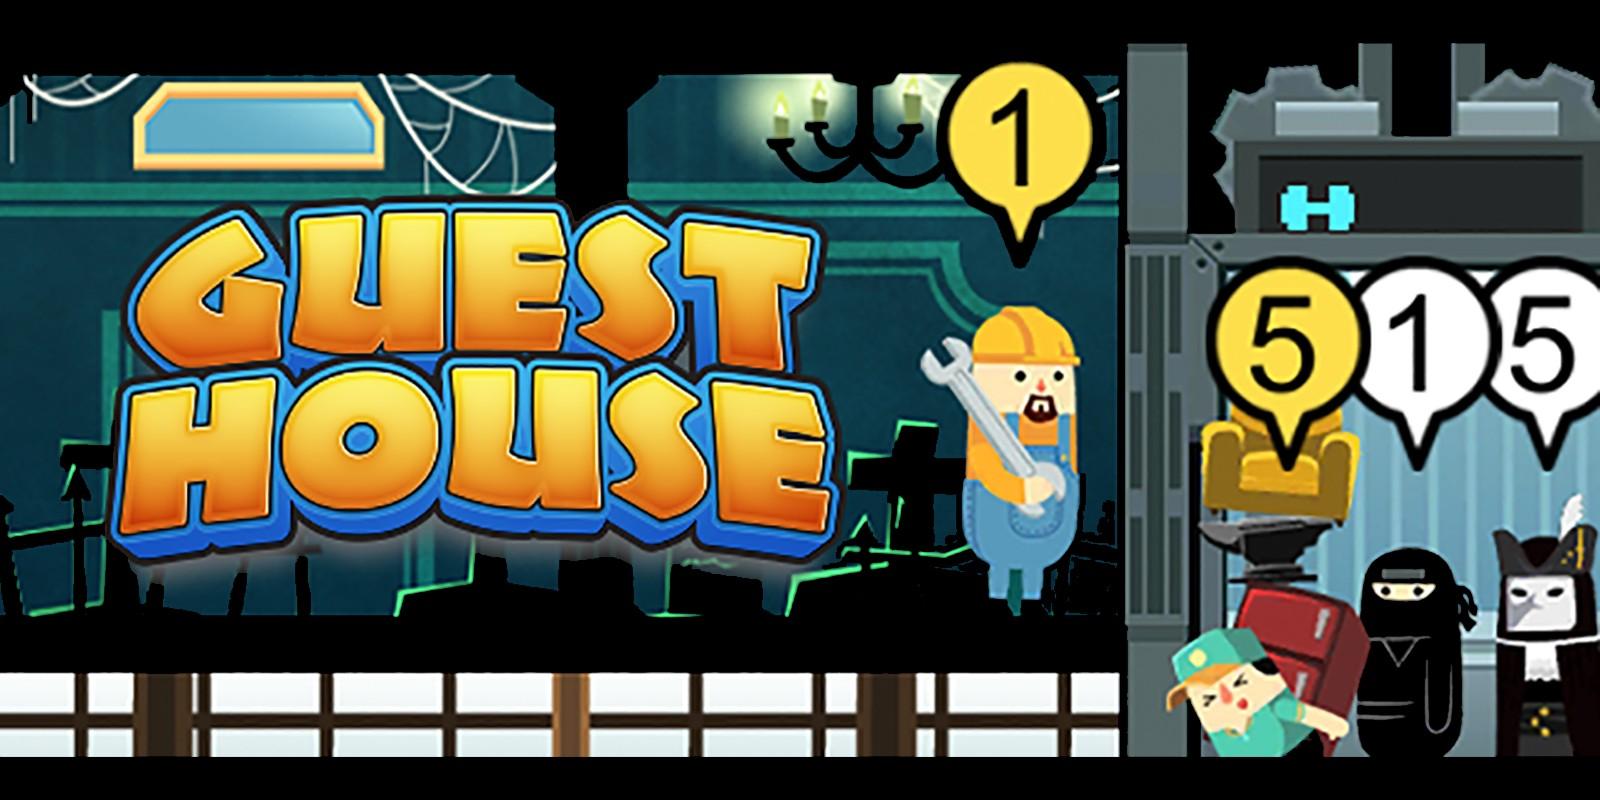 Guest House - Unique Unity Game